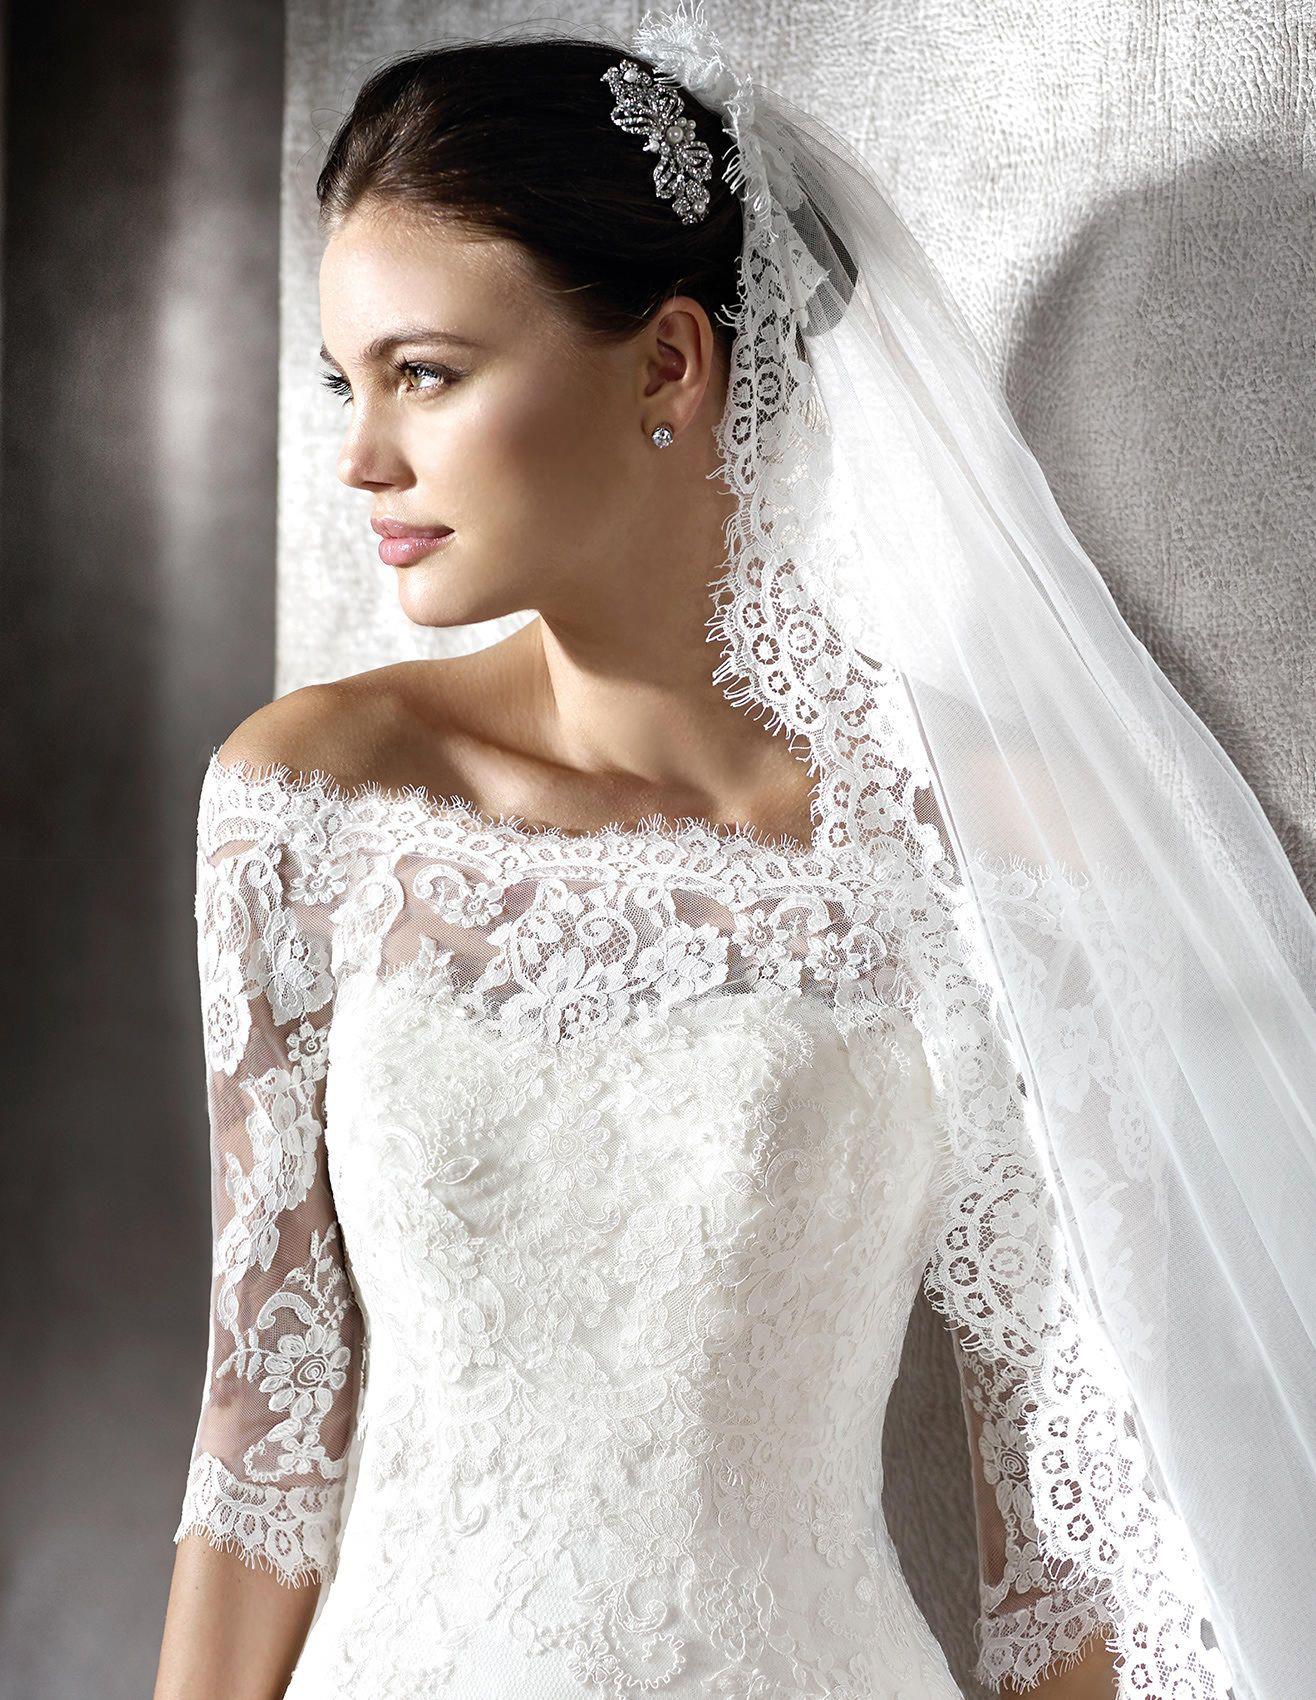 ZUZELA - Brautkleid aus Spitze mit herzförmigem Dekolleté | St ...